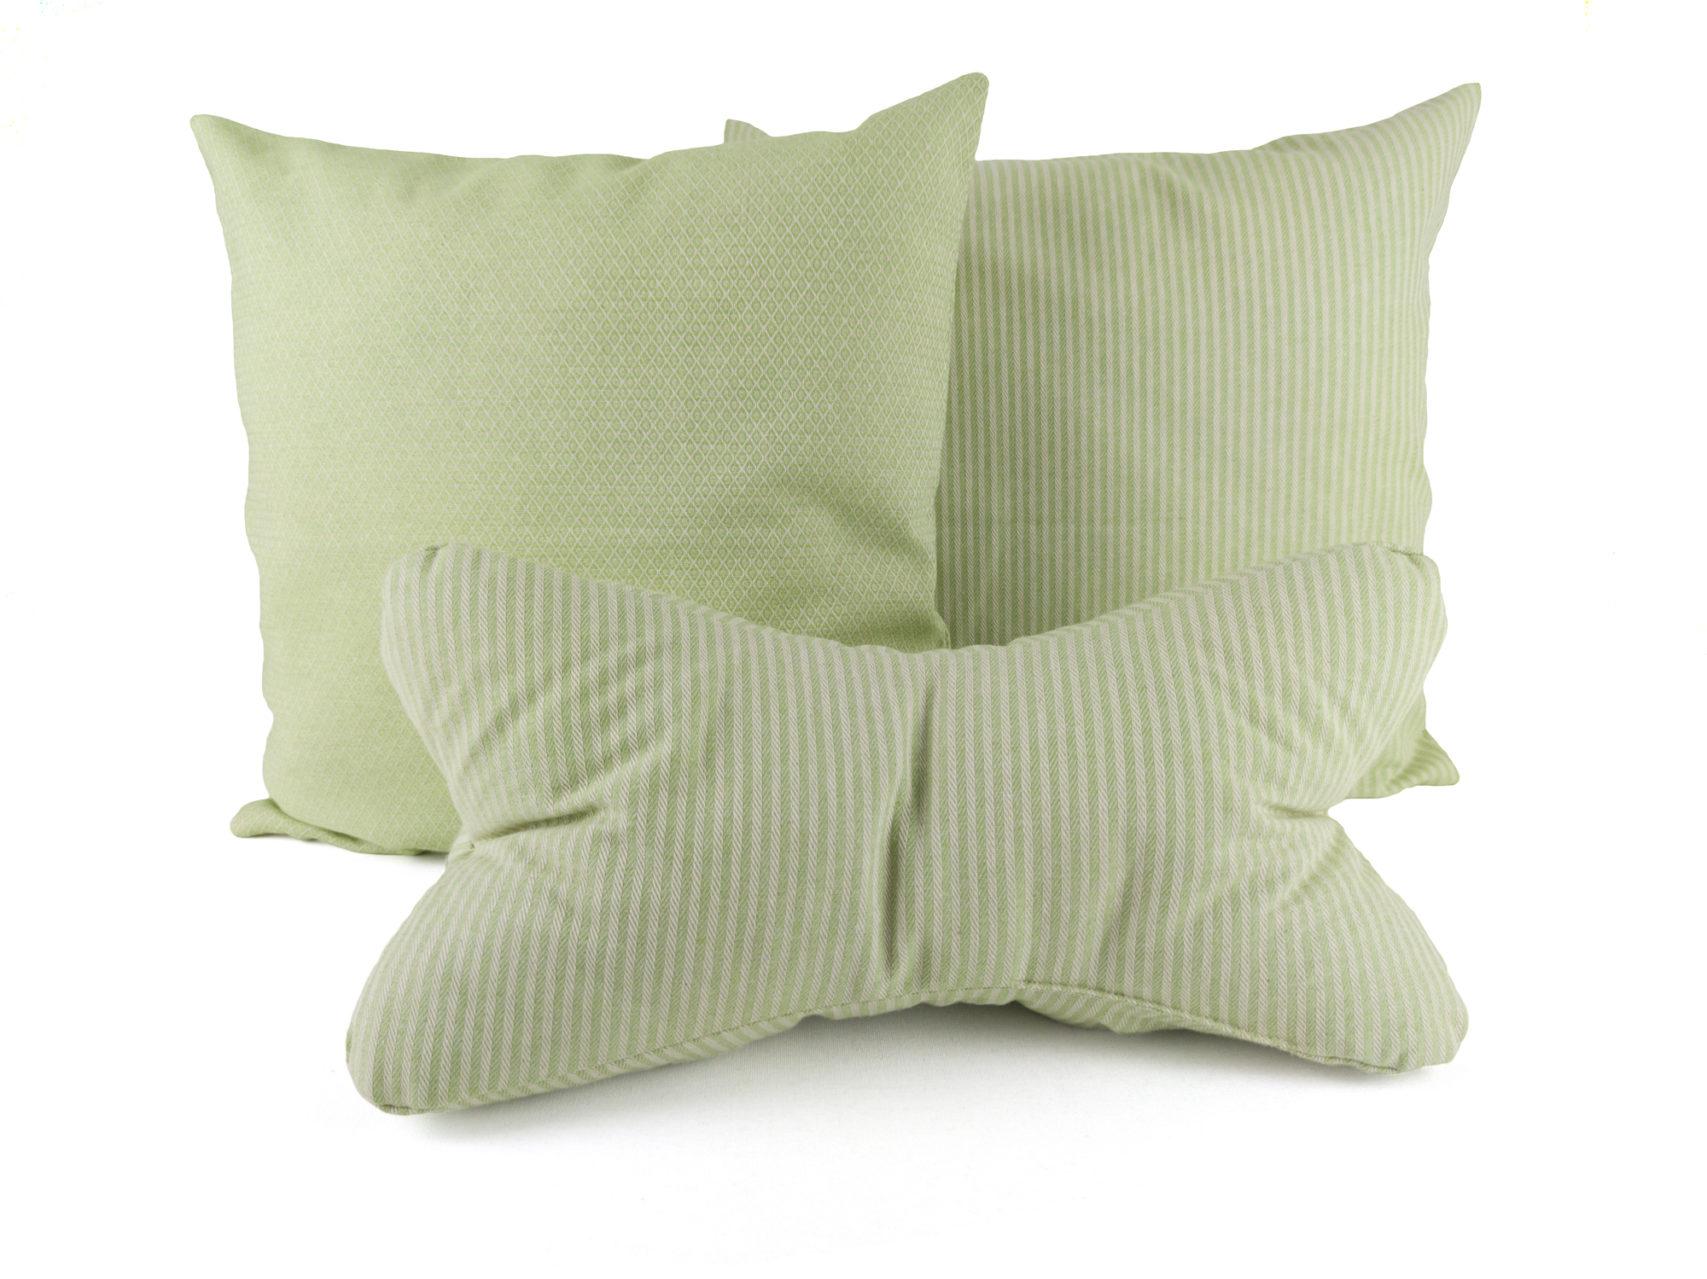 Kissen-Set-A-zwei-Kissen-Streifen-Rauten-Leseknochen-Streifen-hellgrün